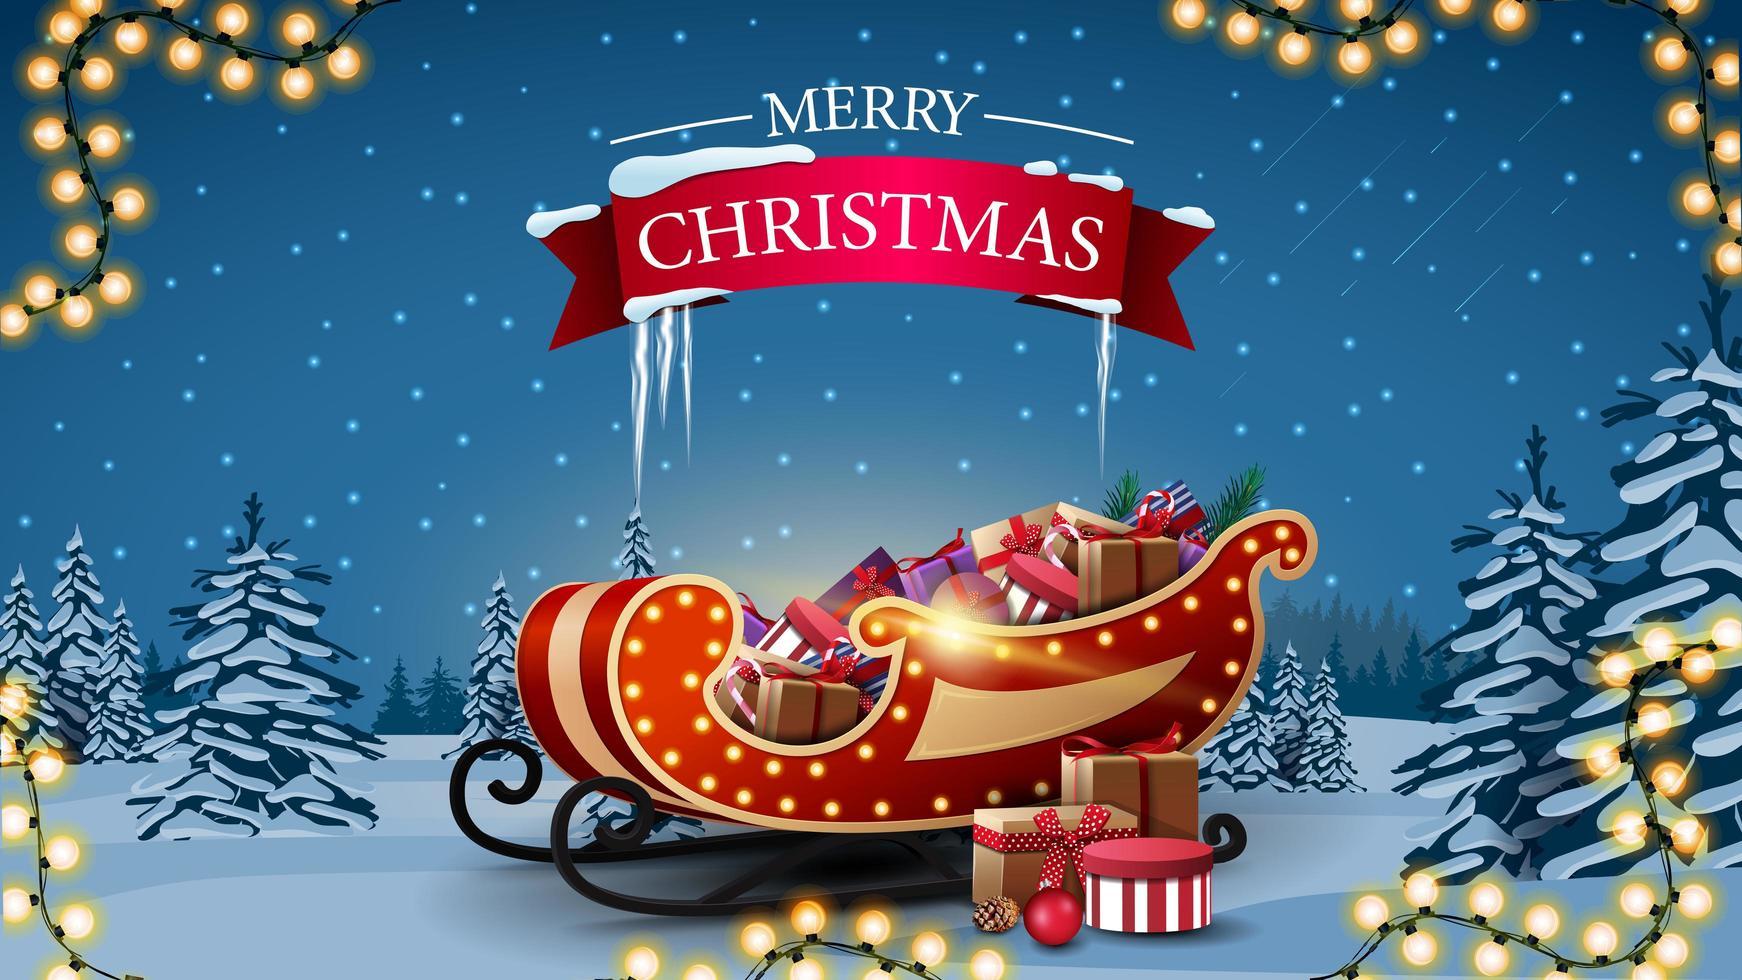 postal de saudação com trenó de Papai Noel com presentes vetor